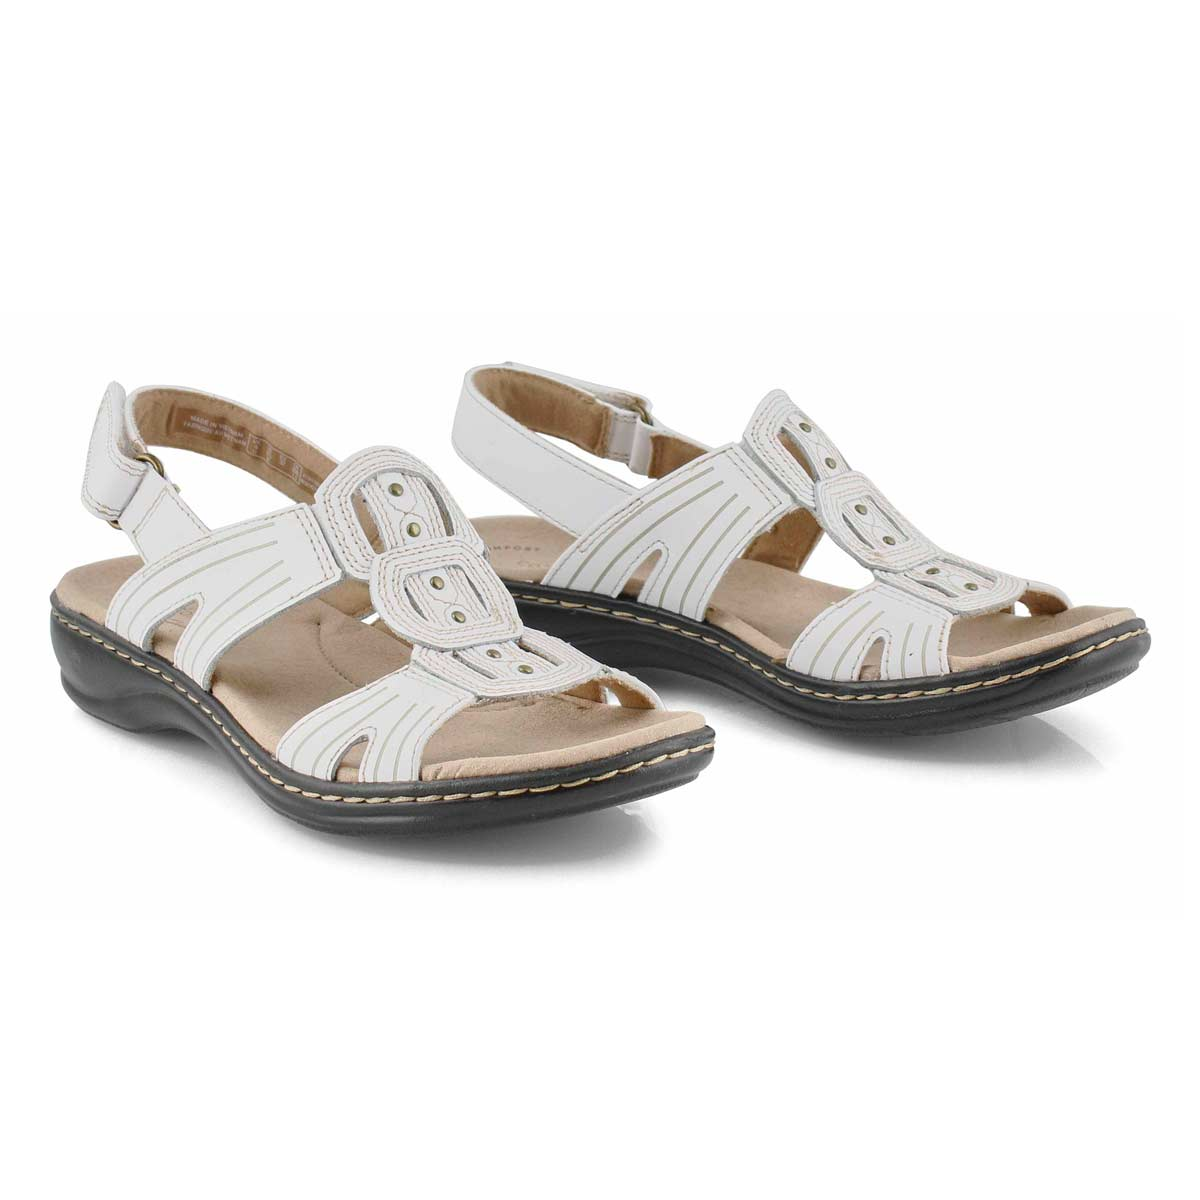 Lds Leisa Vine white casual sandal